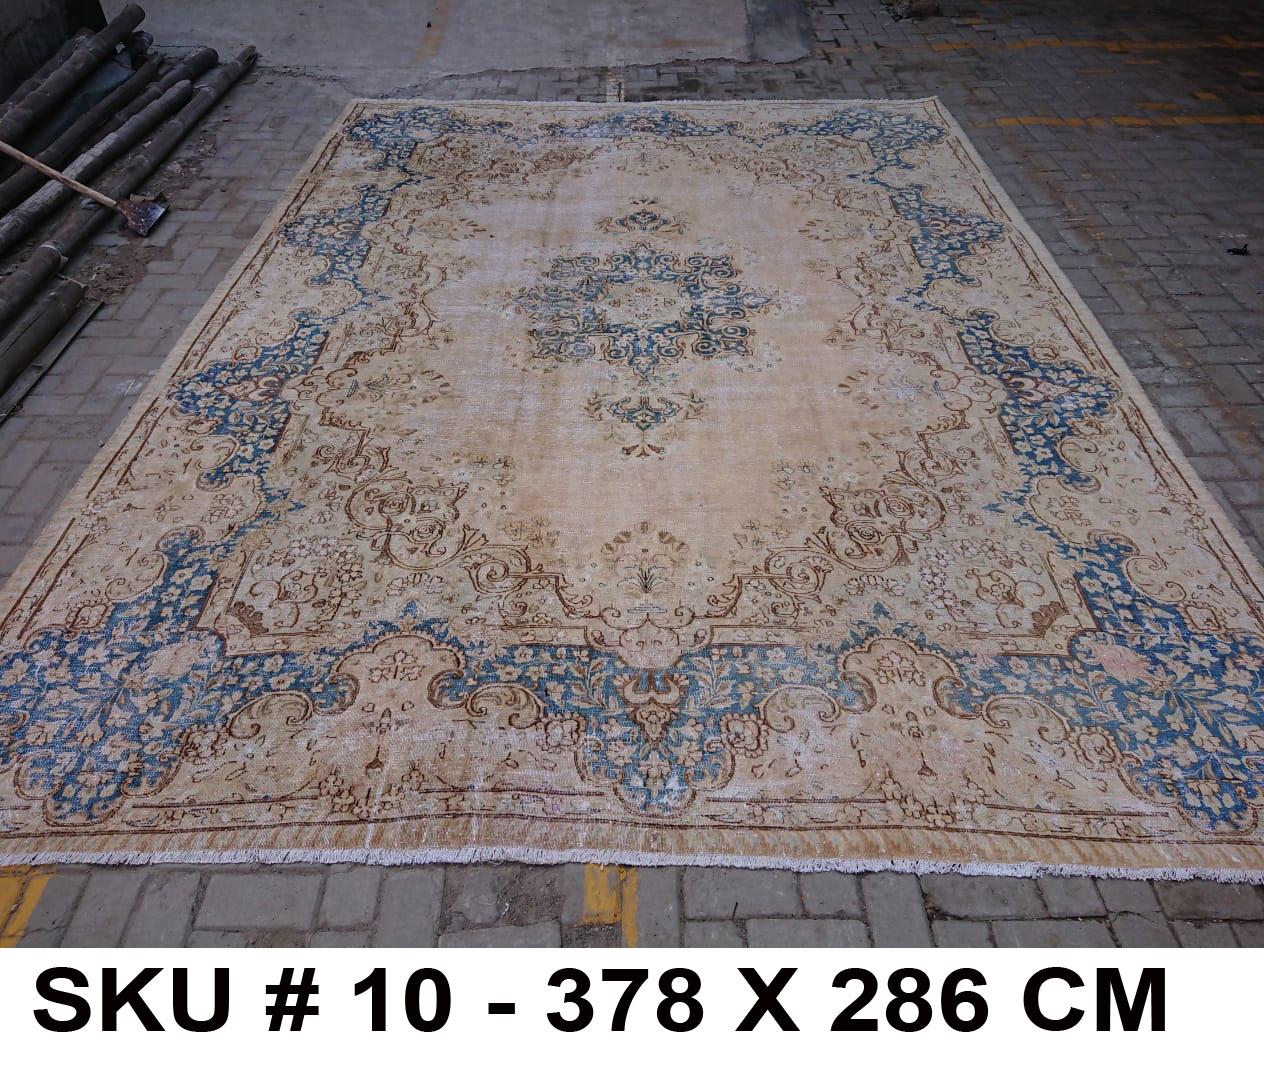 Vintage vloerkleed zandkleur met blauw, nr.62340, 378cm x 286cm